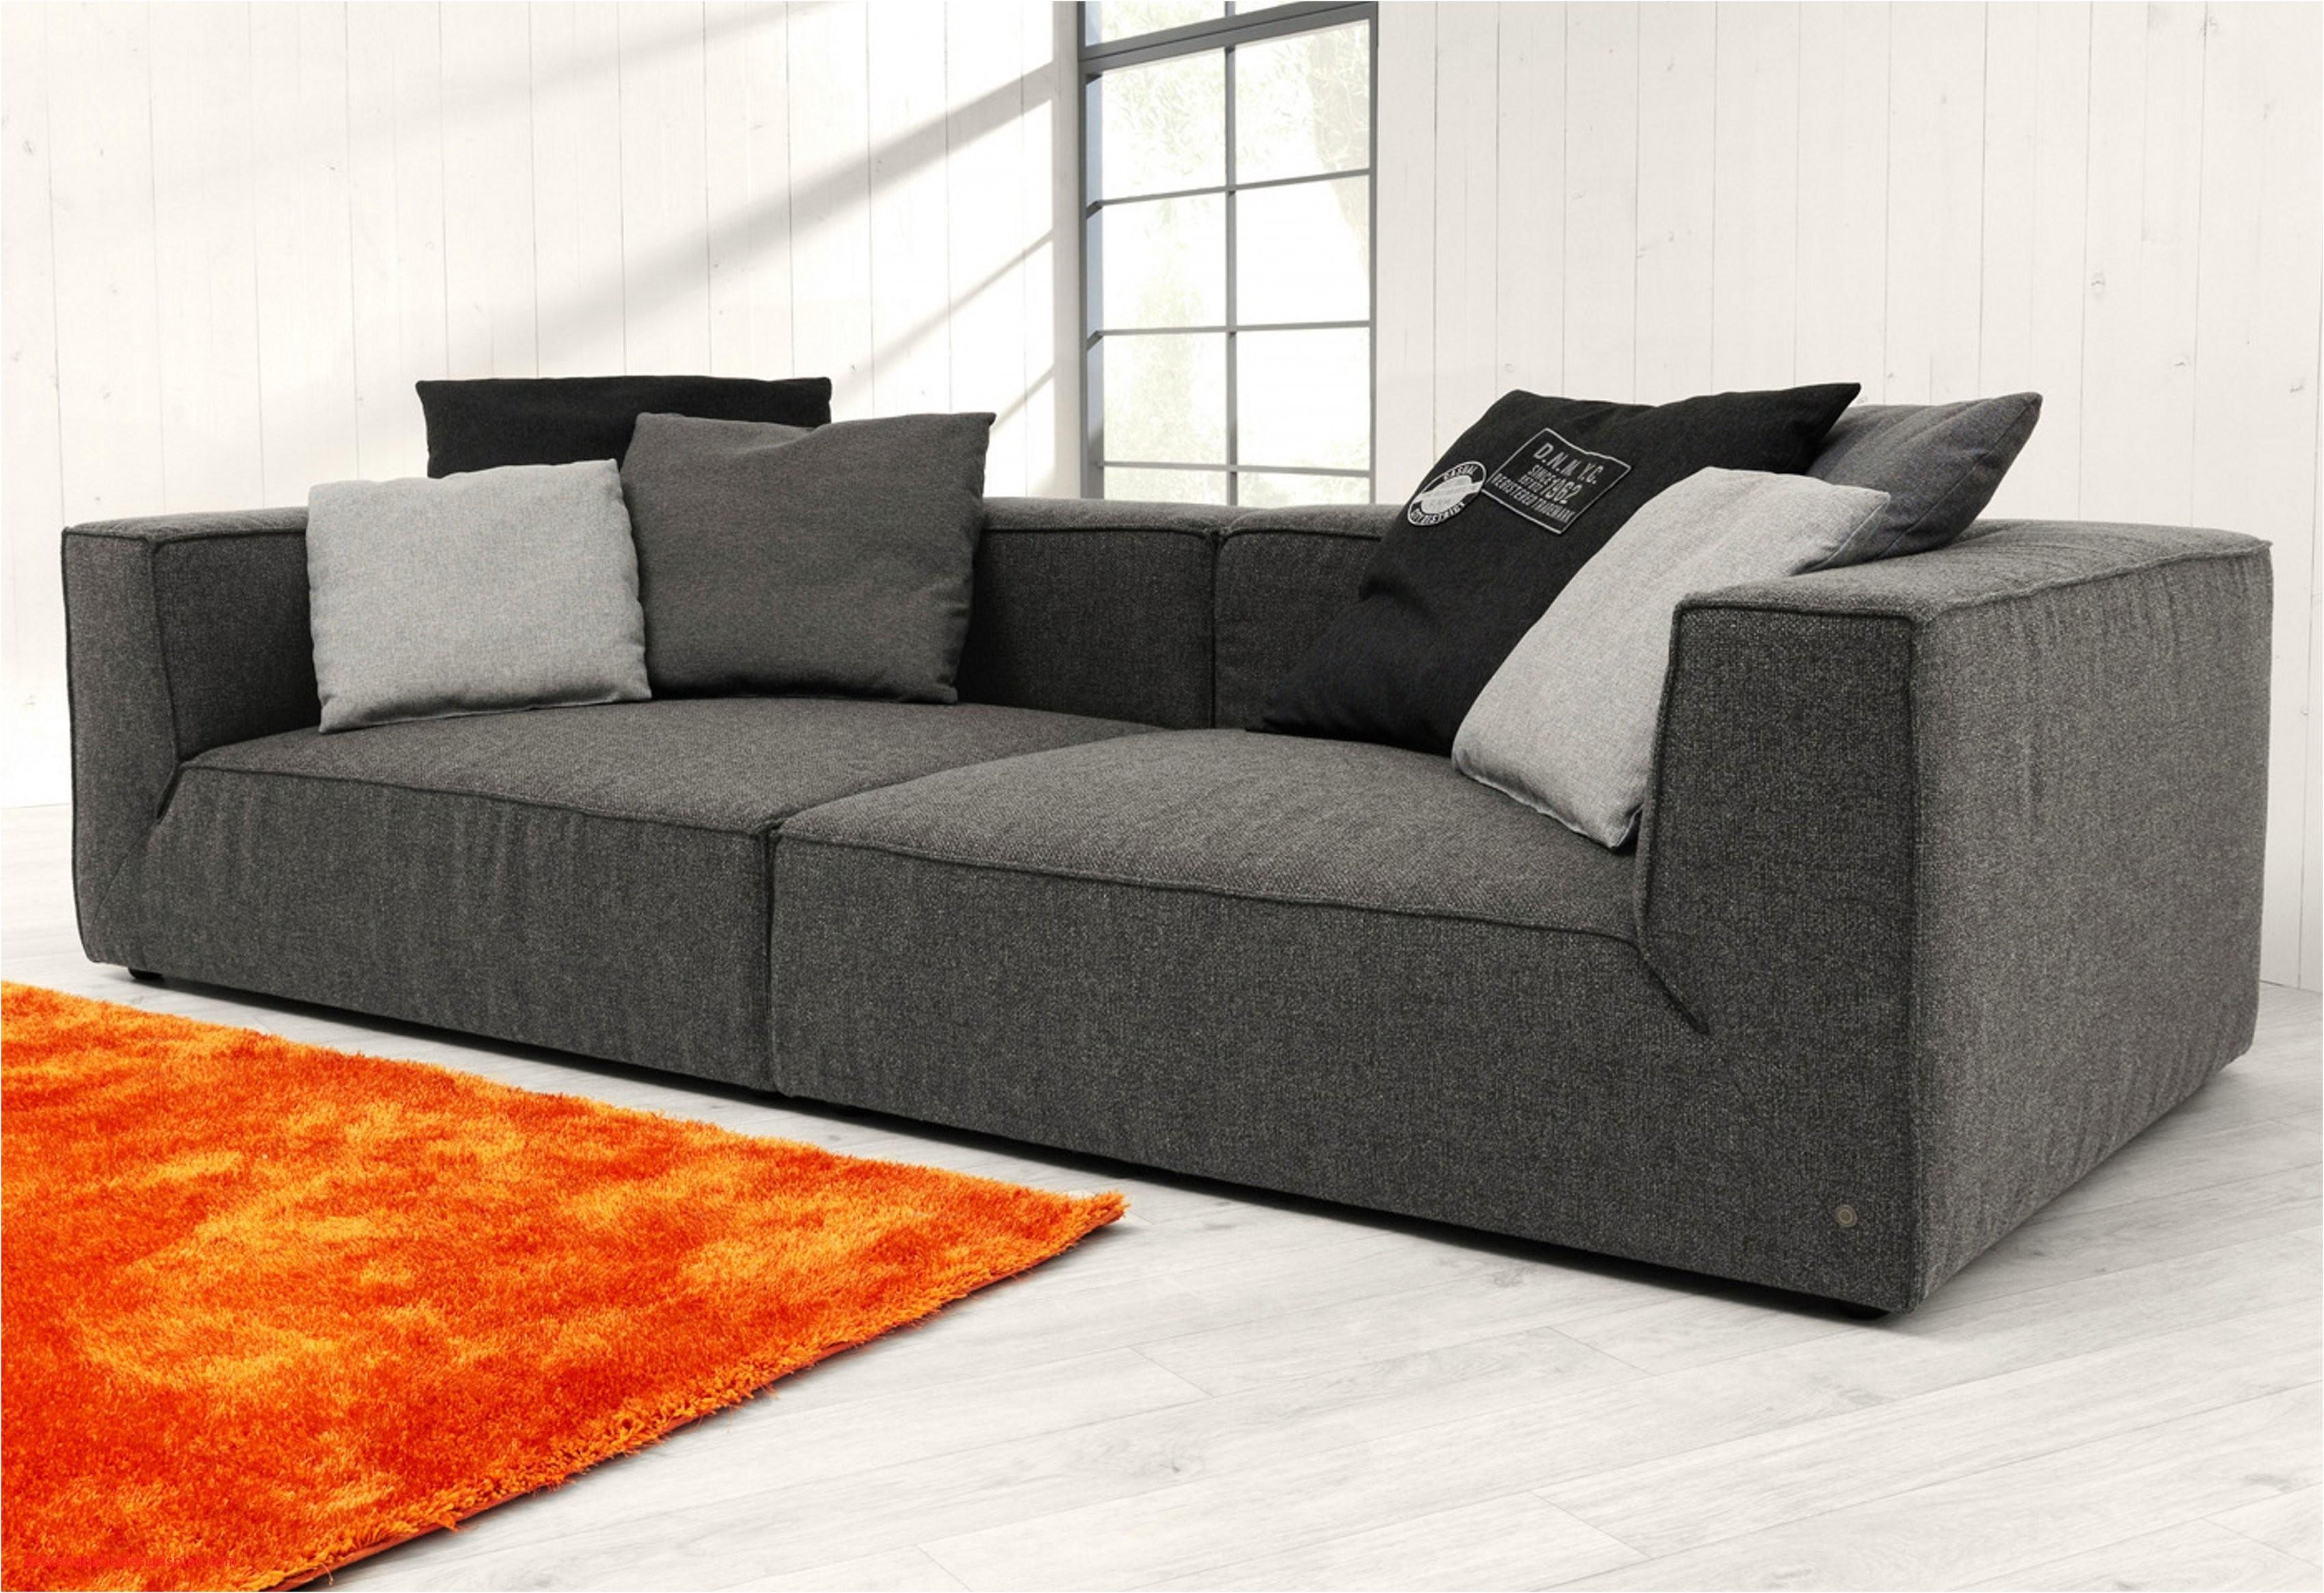 Praktisch 2 Sitzer Sofa Poco  Zuhause Schönheiten von 2 Sitzer Sofa Poco Bild